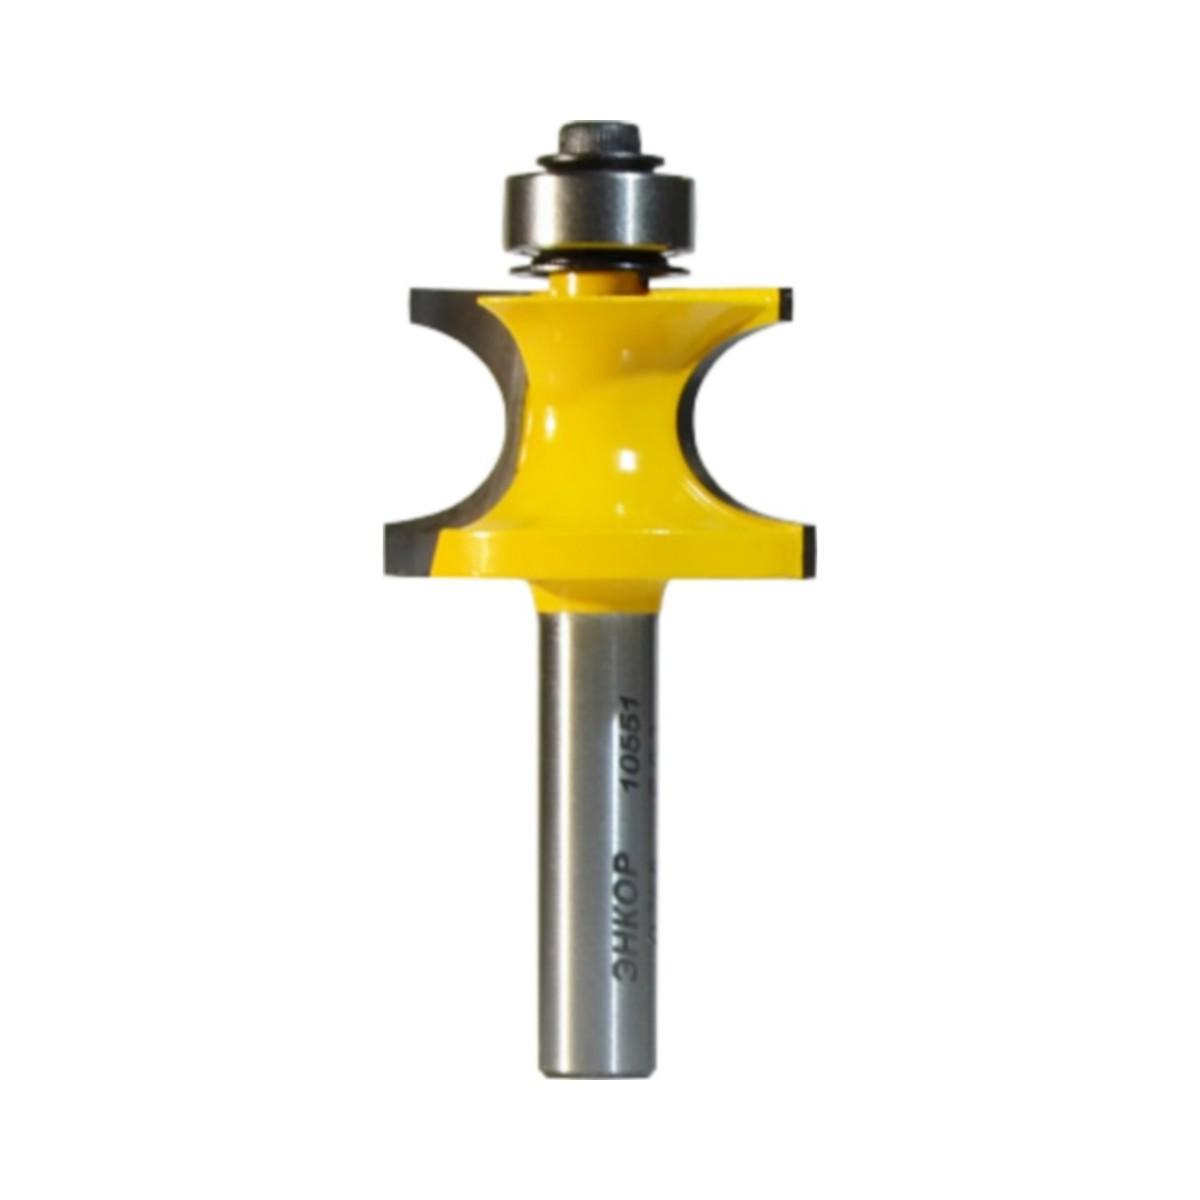 Фреза кромочная полустержневая ЭНКОР 10551 ф28.6 мм R6.3 мм 8 мм